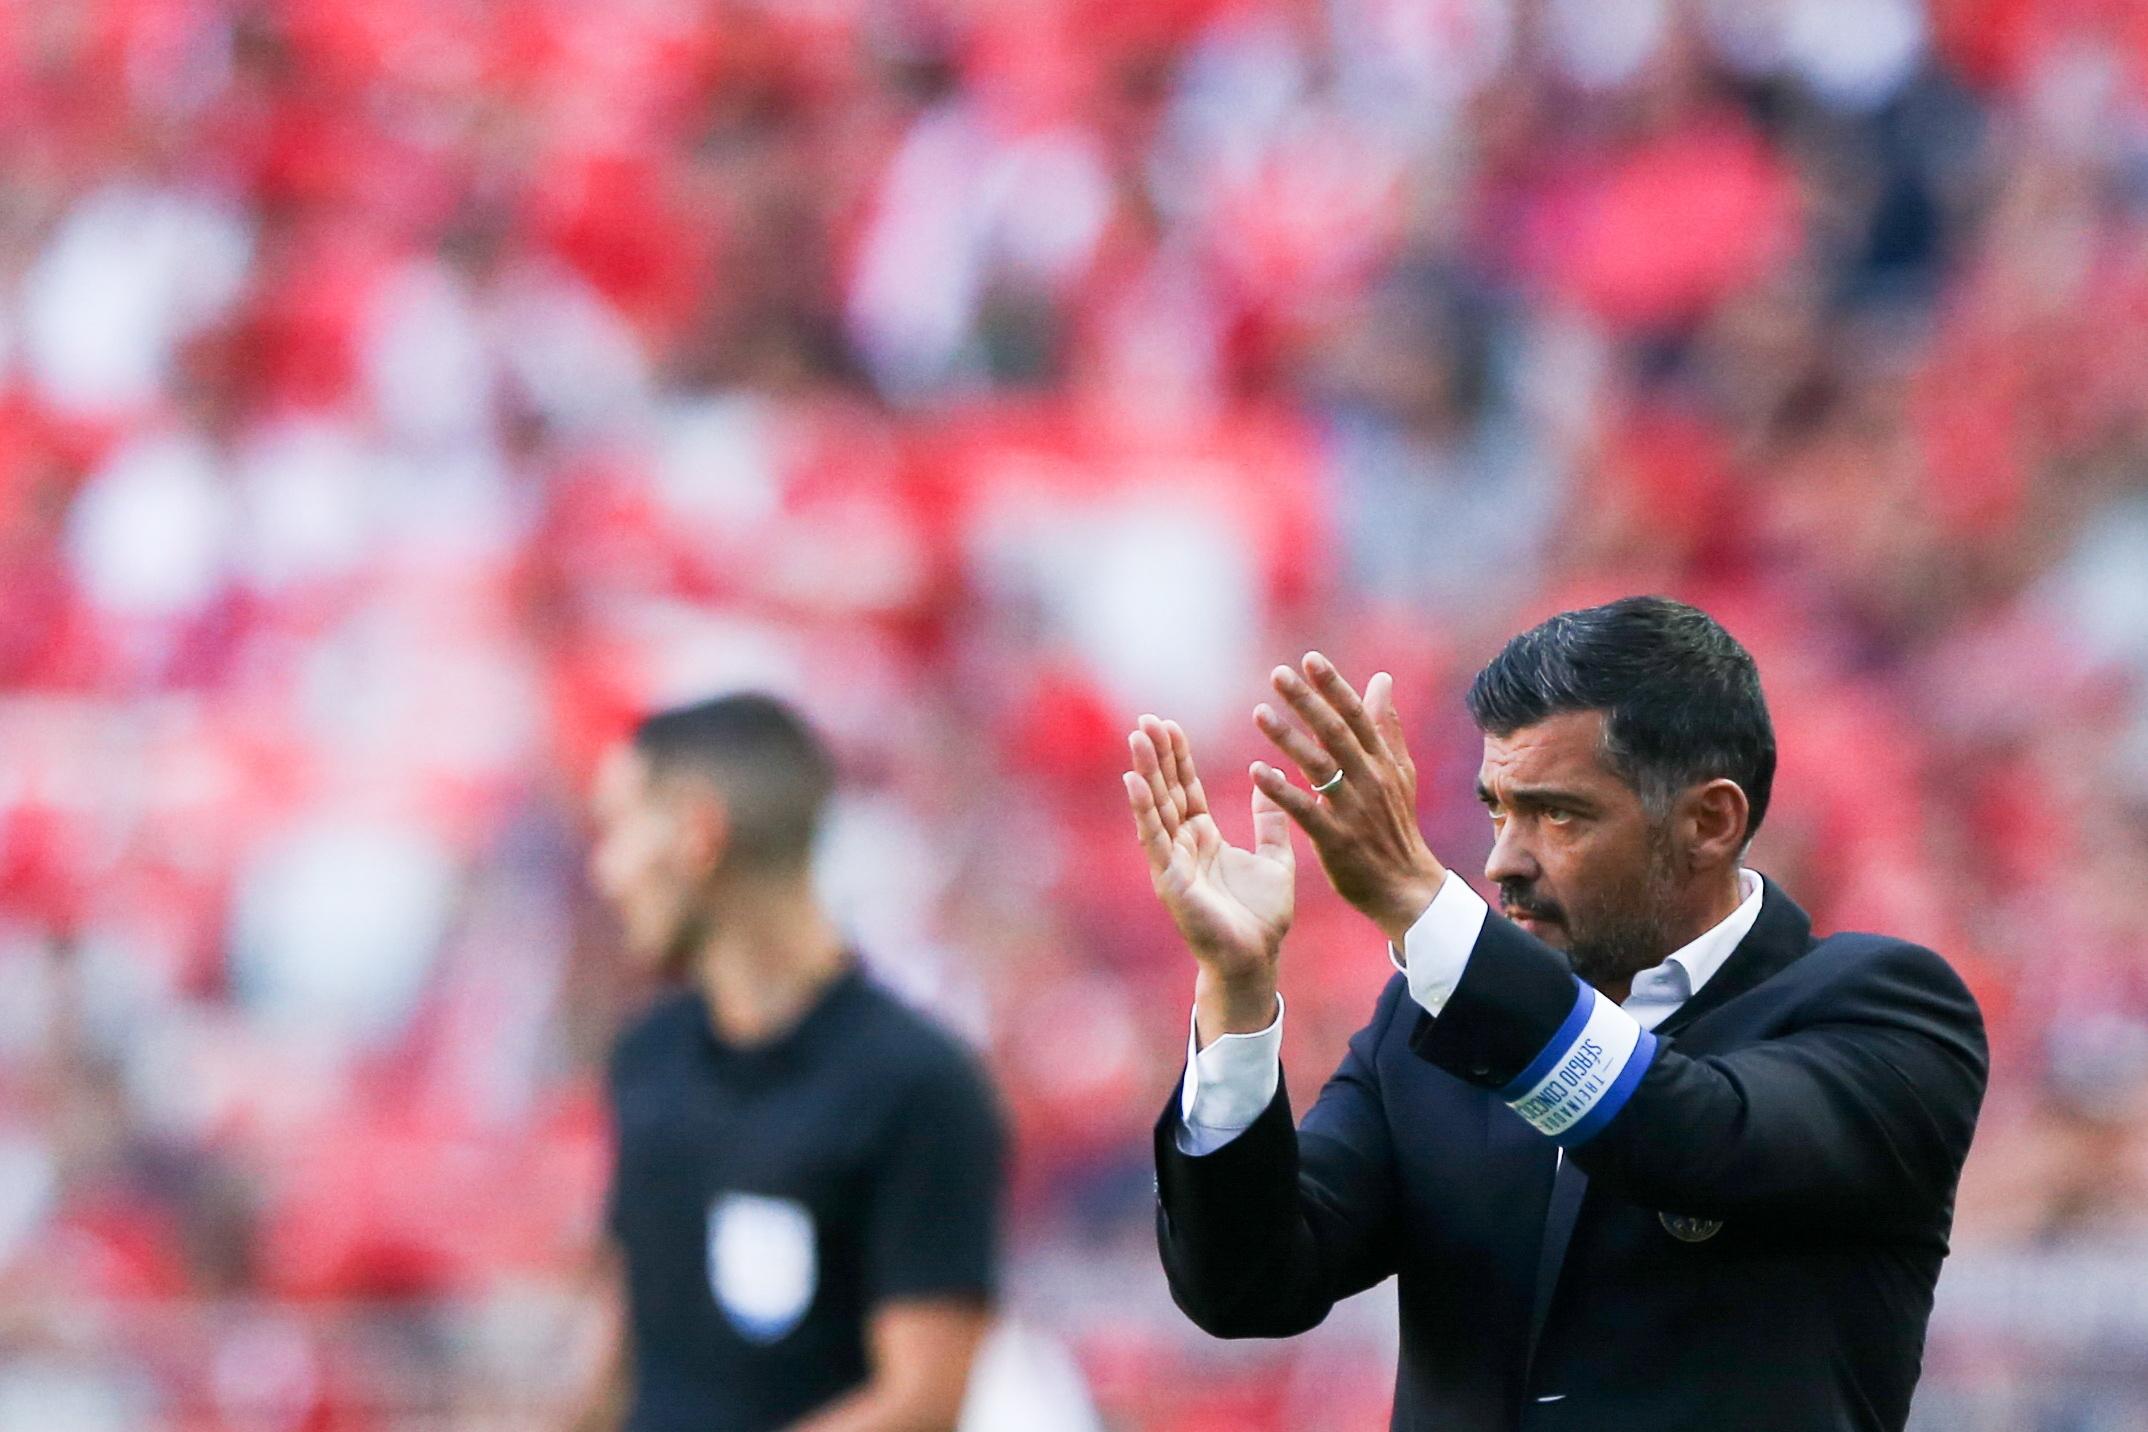 """Sérgio Conceição: """"Há umas semanas quando perdemos era o mesmo treinador, não mudou nada"""""""